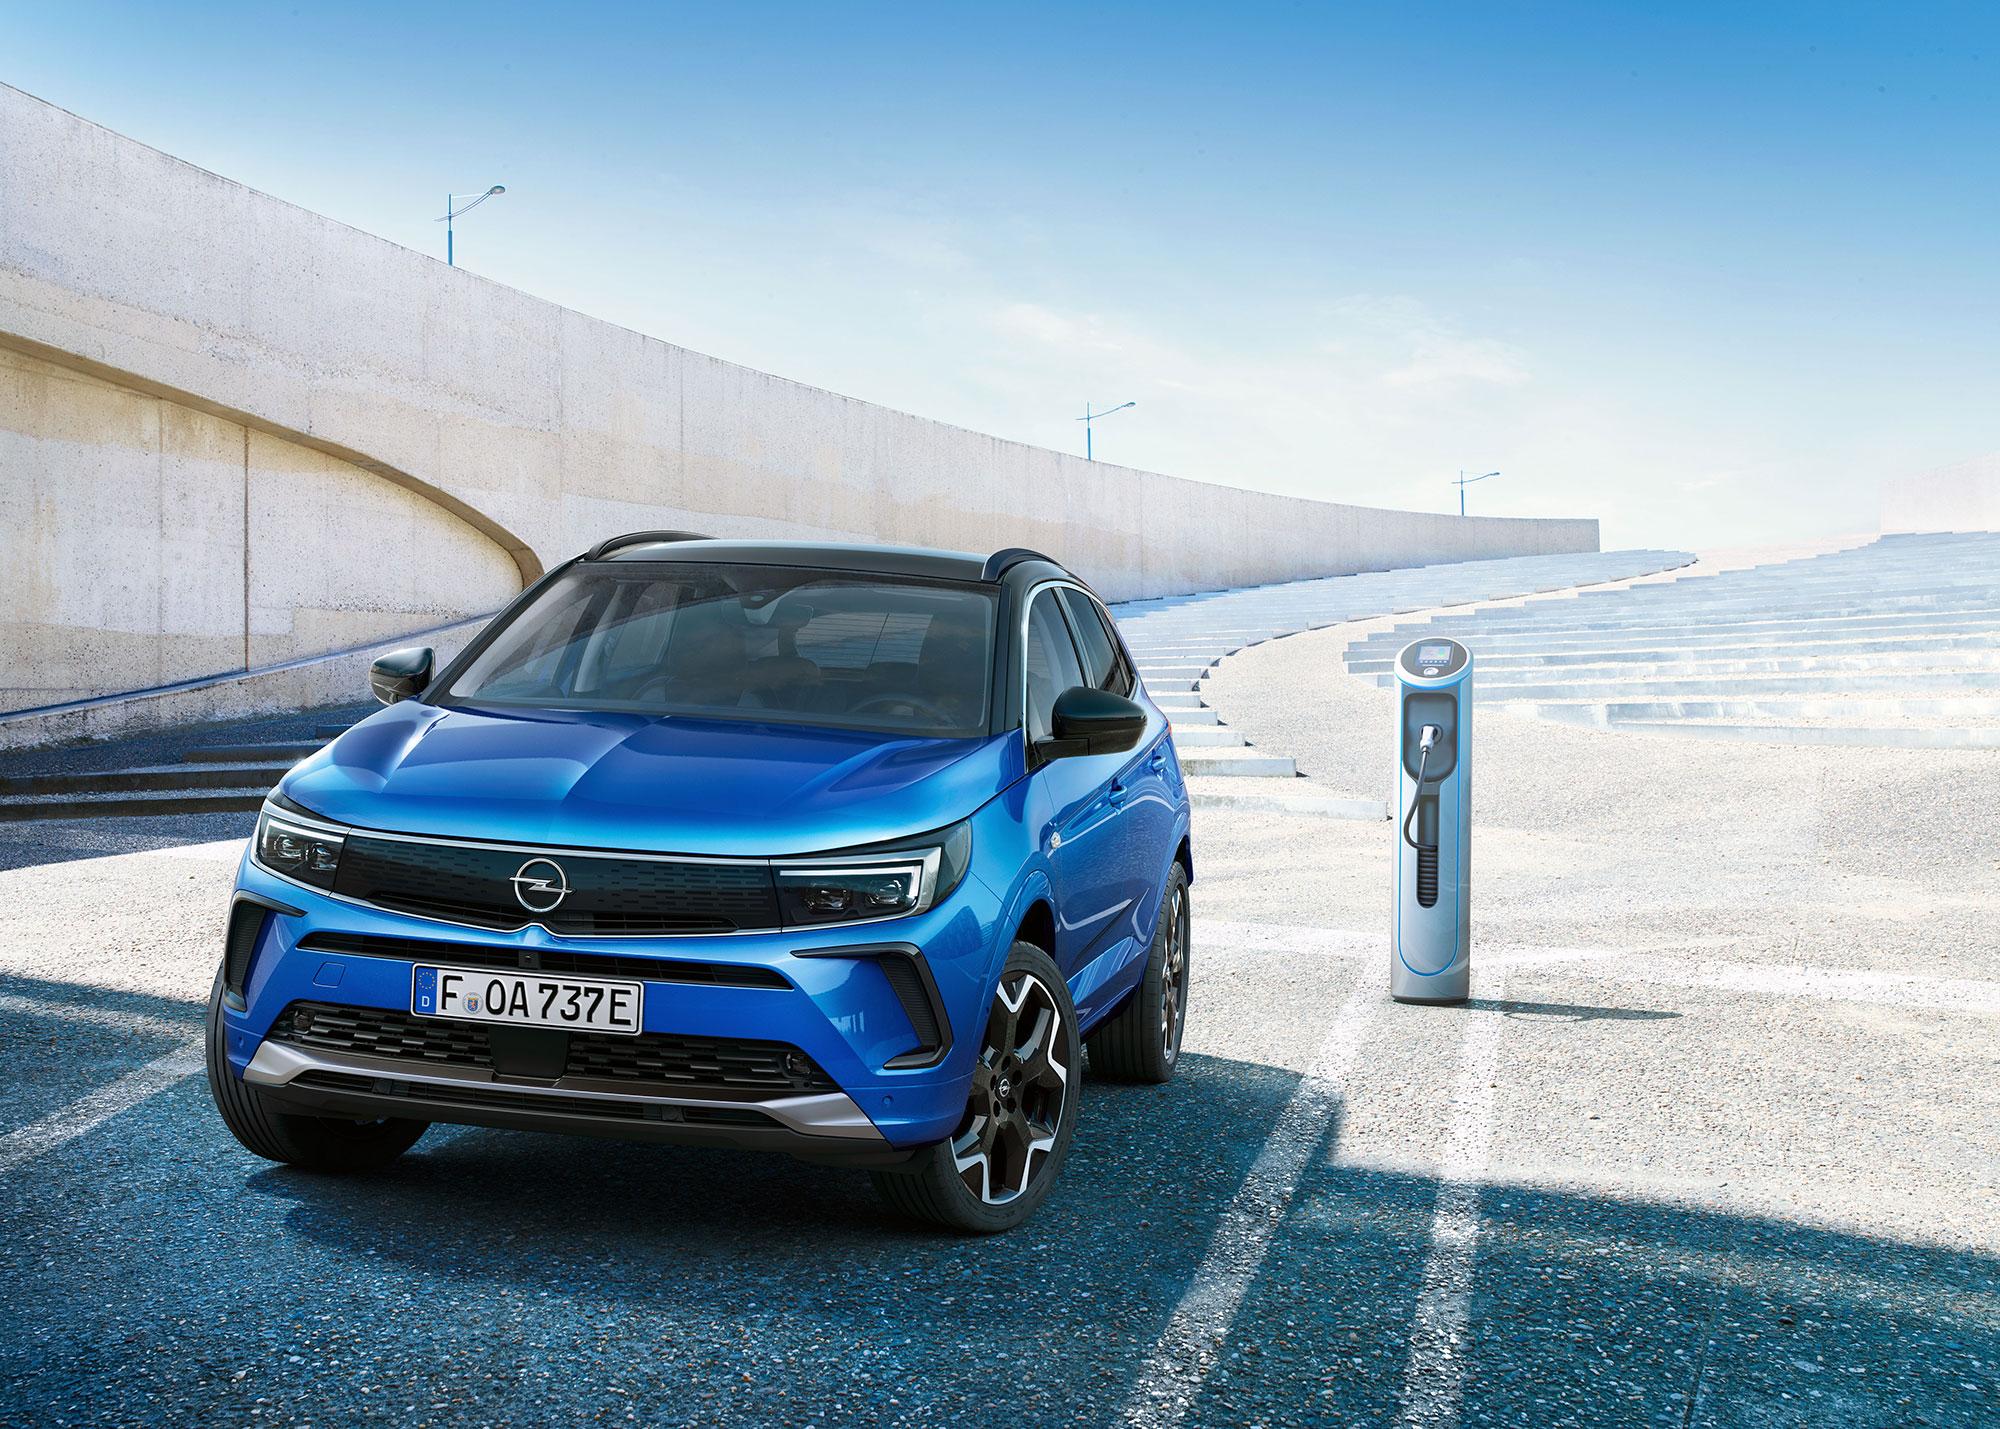 Компакт Opel Grandland претерпел подтяжку лица для Европы